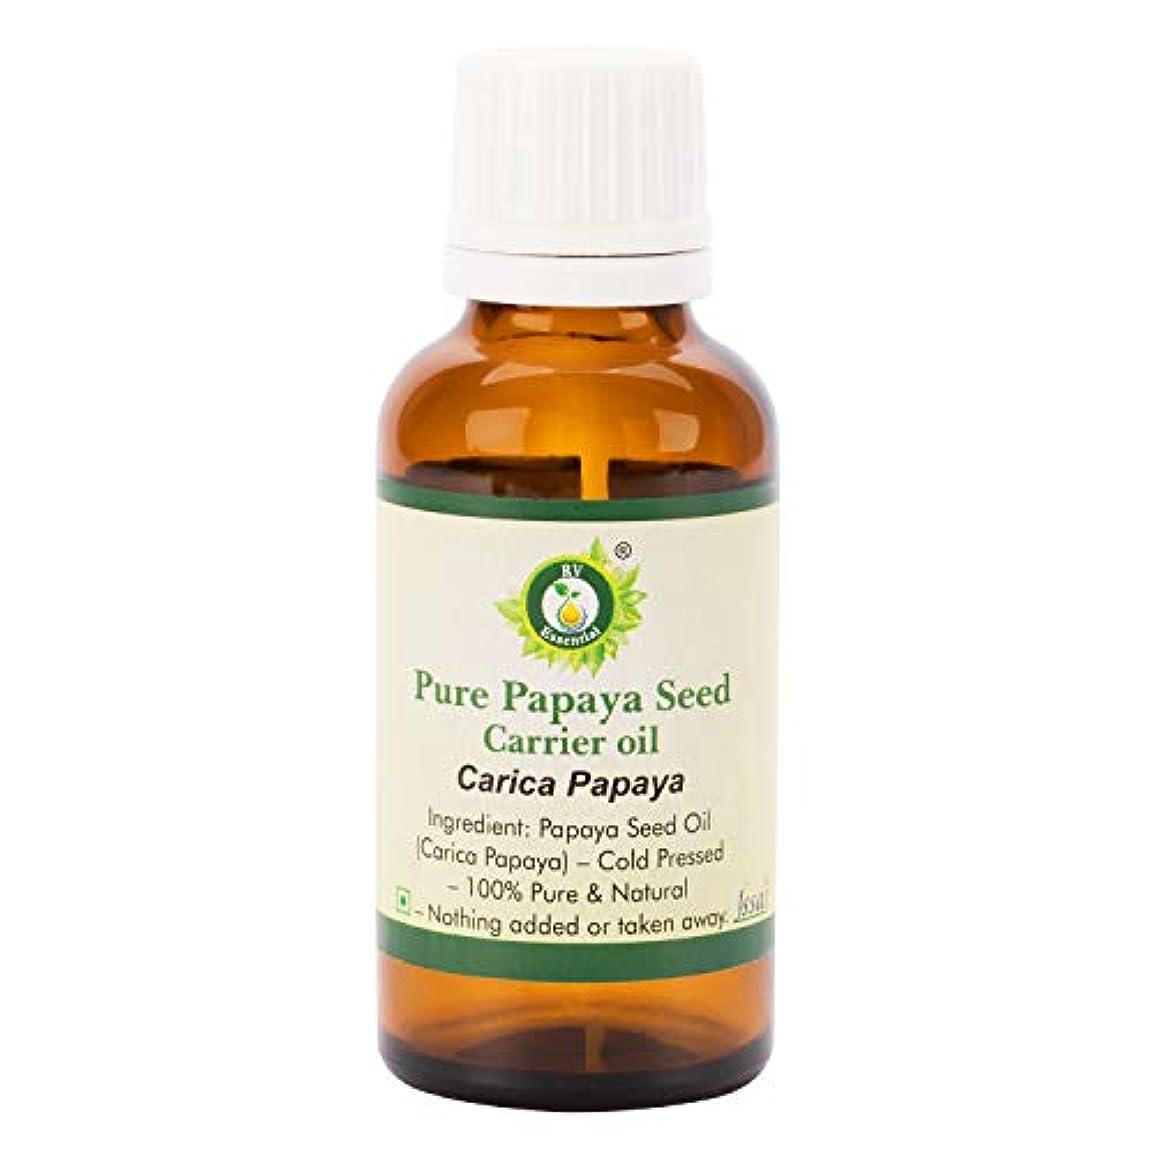 引っ張る理論的おめでとう純粋なパパイヤ種子キャリアオイル15ml (0.507oz)- Carica Papaya (100%ピュア&ナチュラルコールドPressed) Pure Papaya Seed Carrier Oil